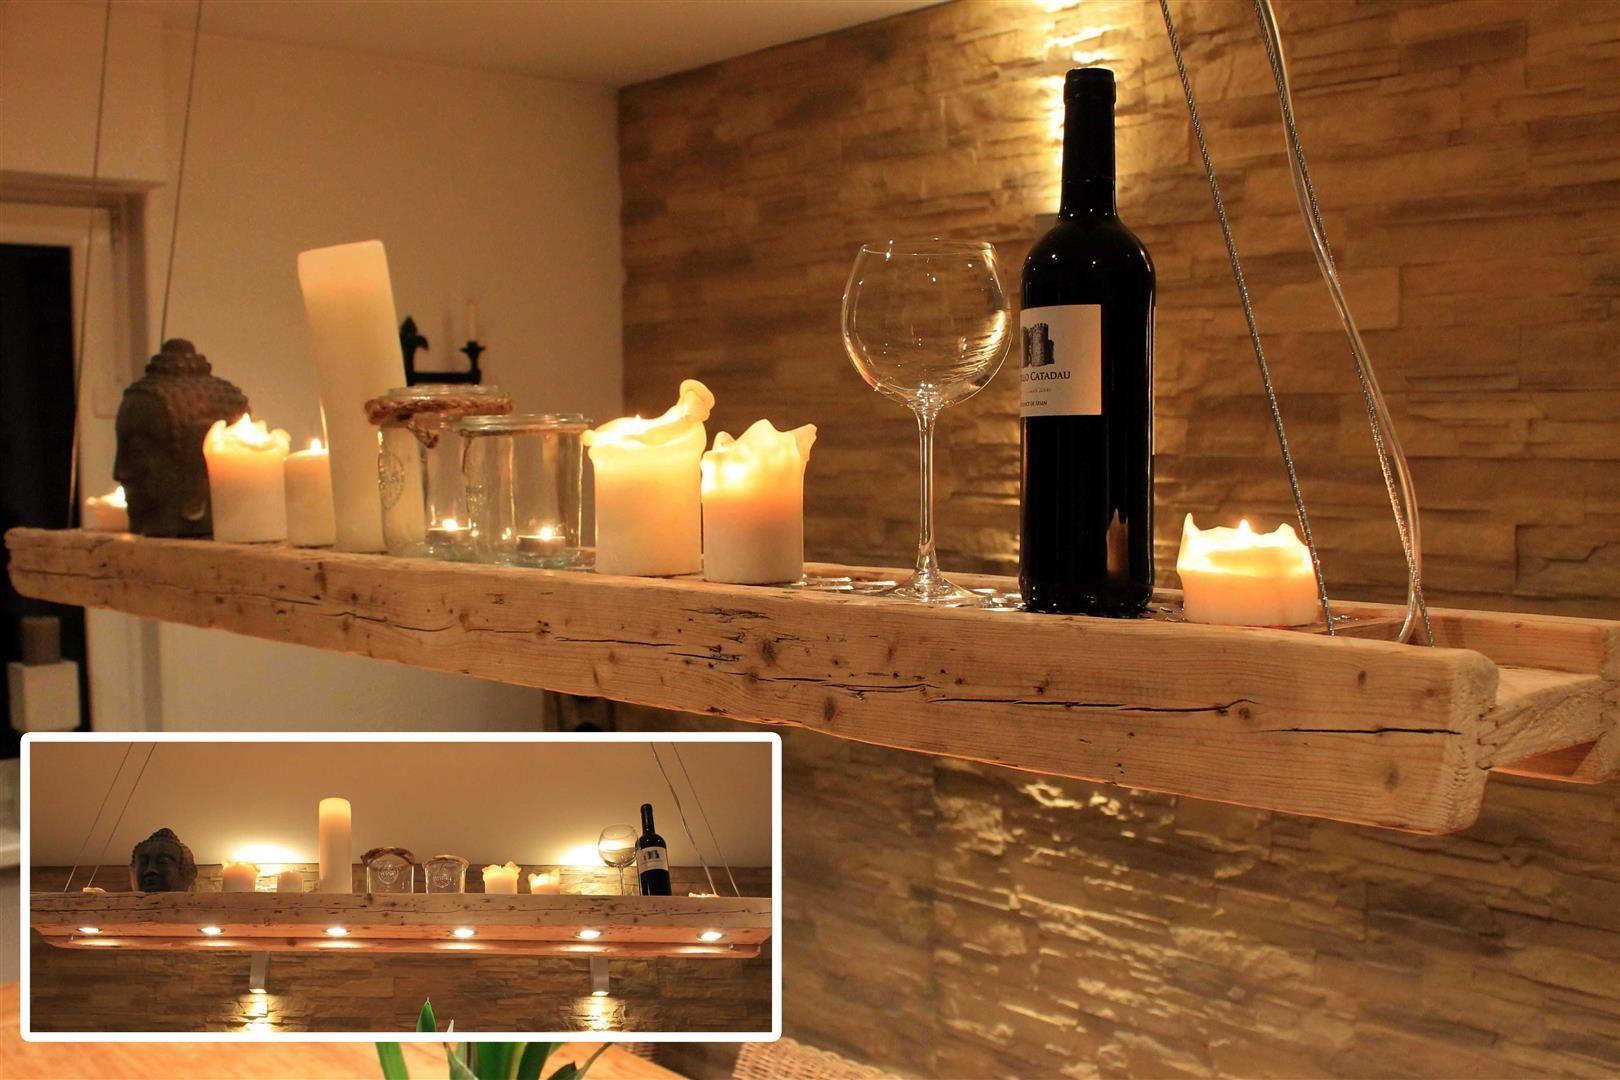 LAMPE Halogen  MANUFAKTUR 73  Home sweet Home in 2019